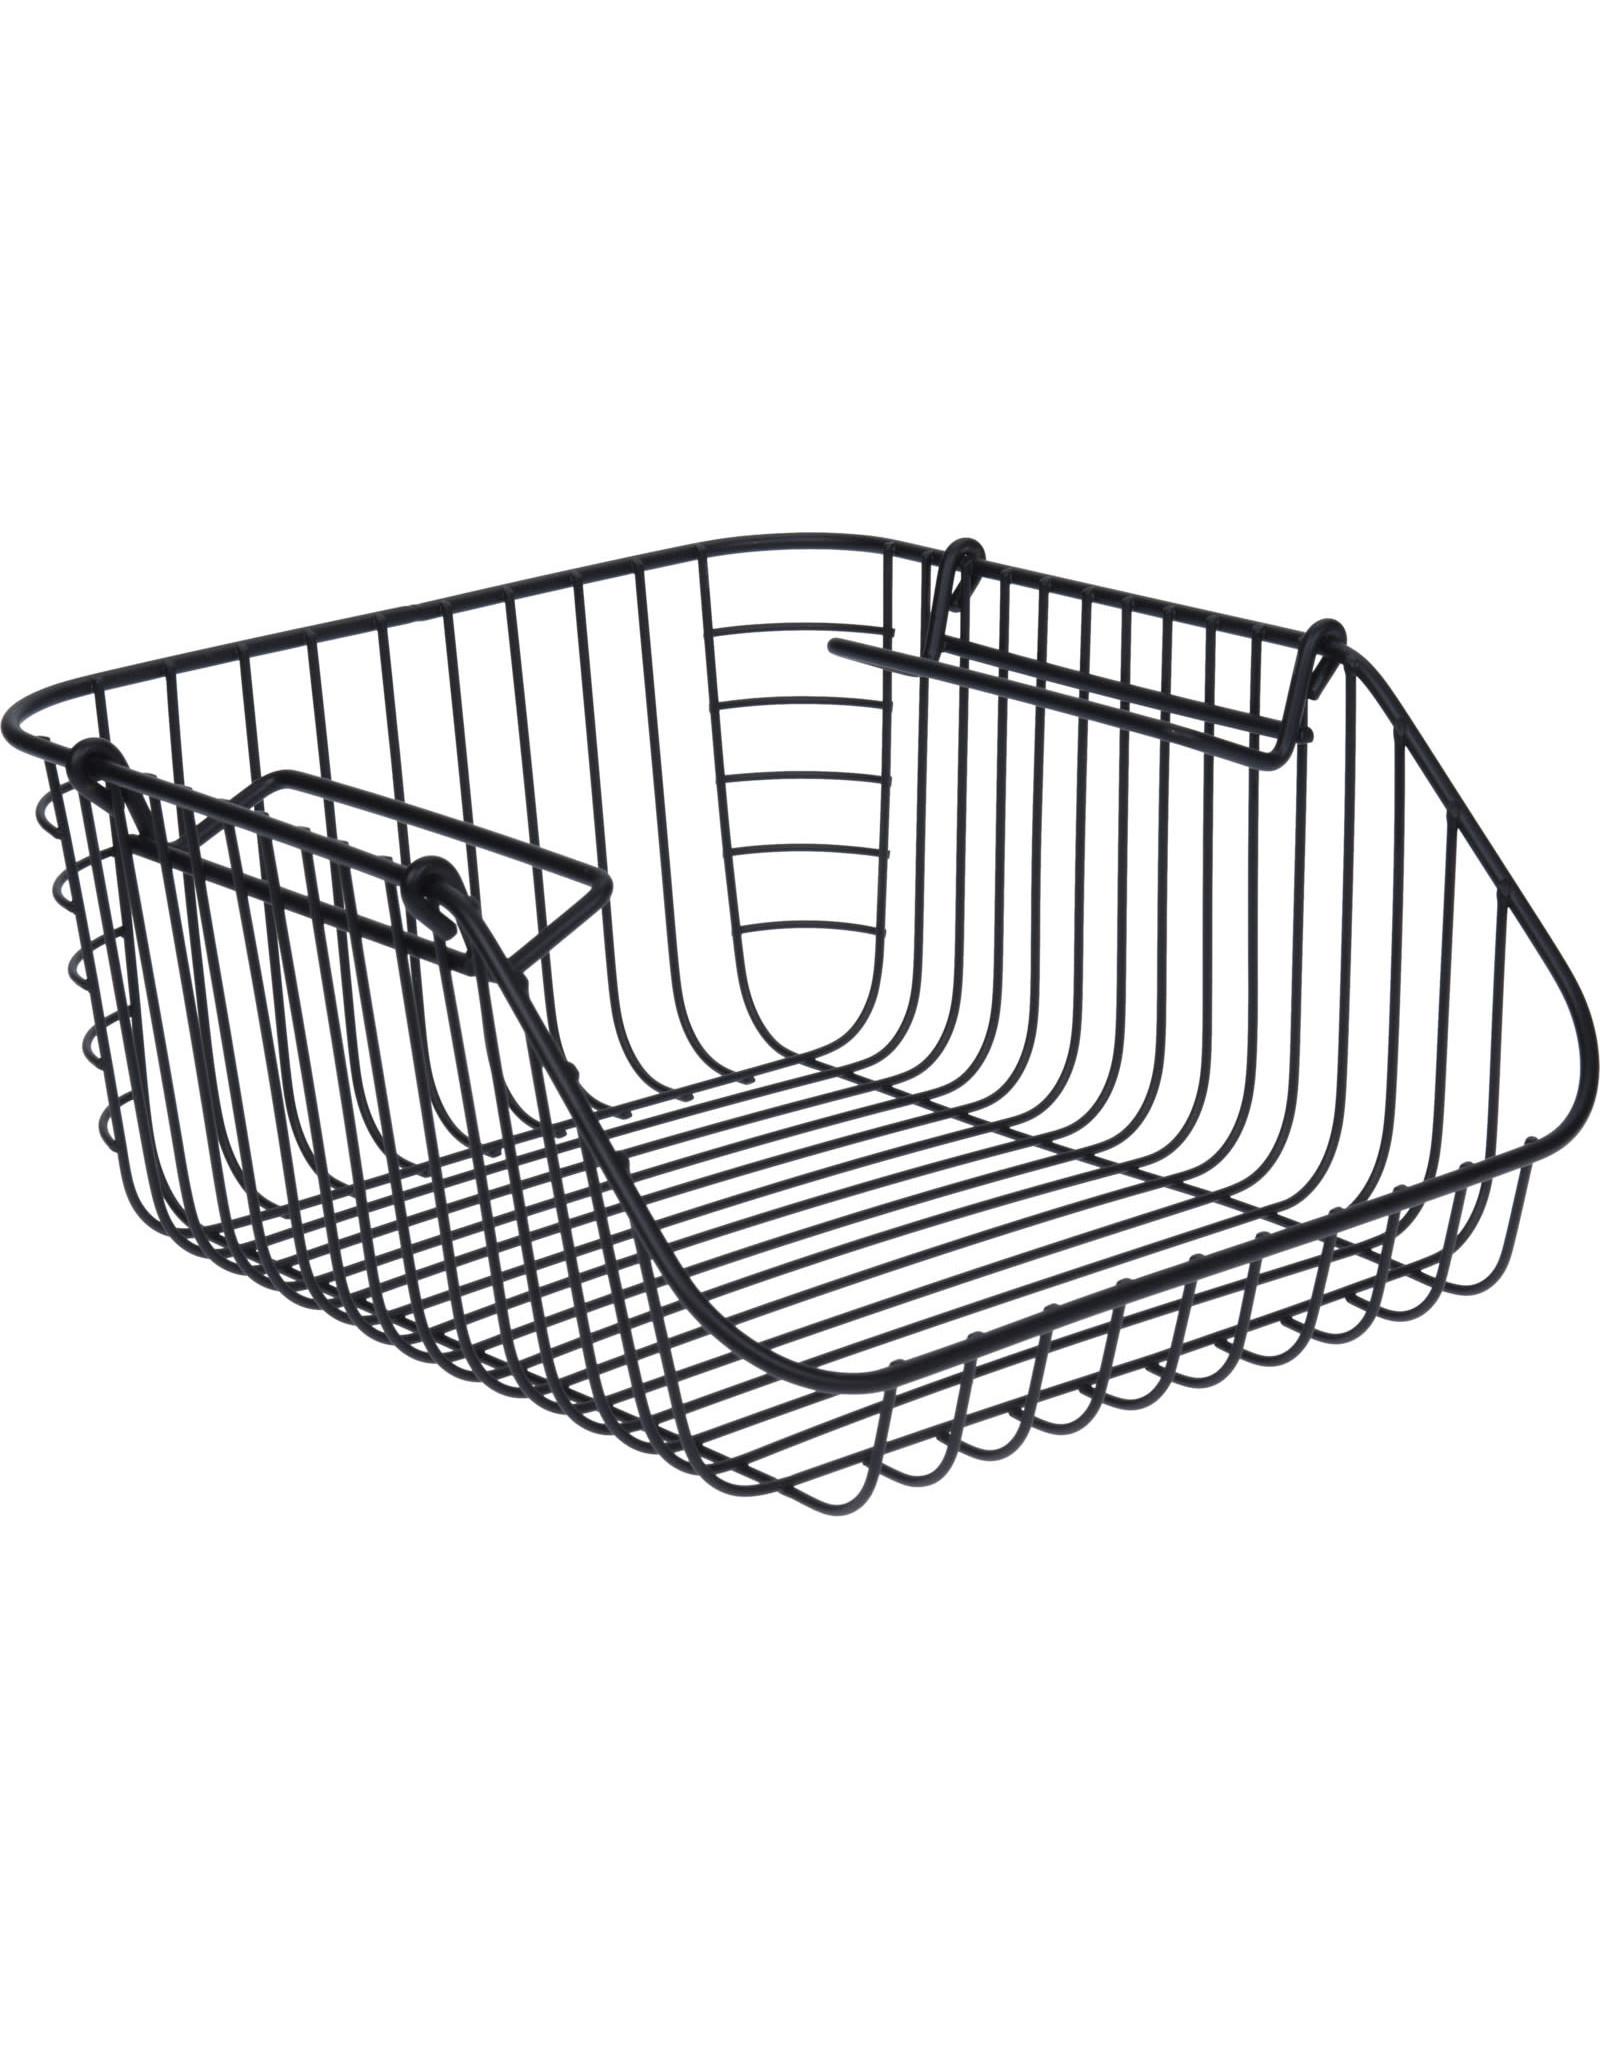 Koopman Basket Metal Black 30X27Xh14Cm